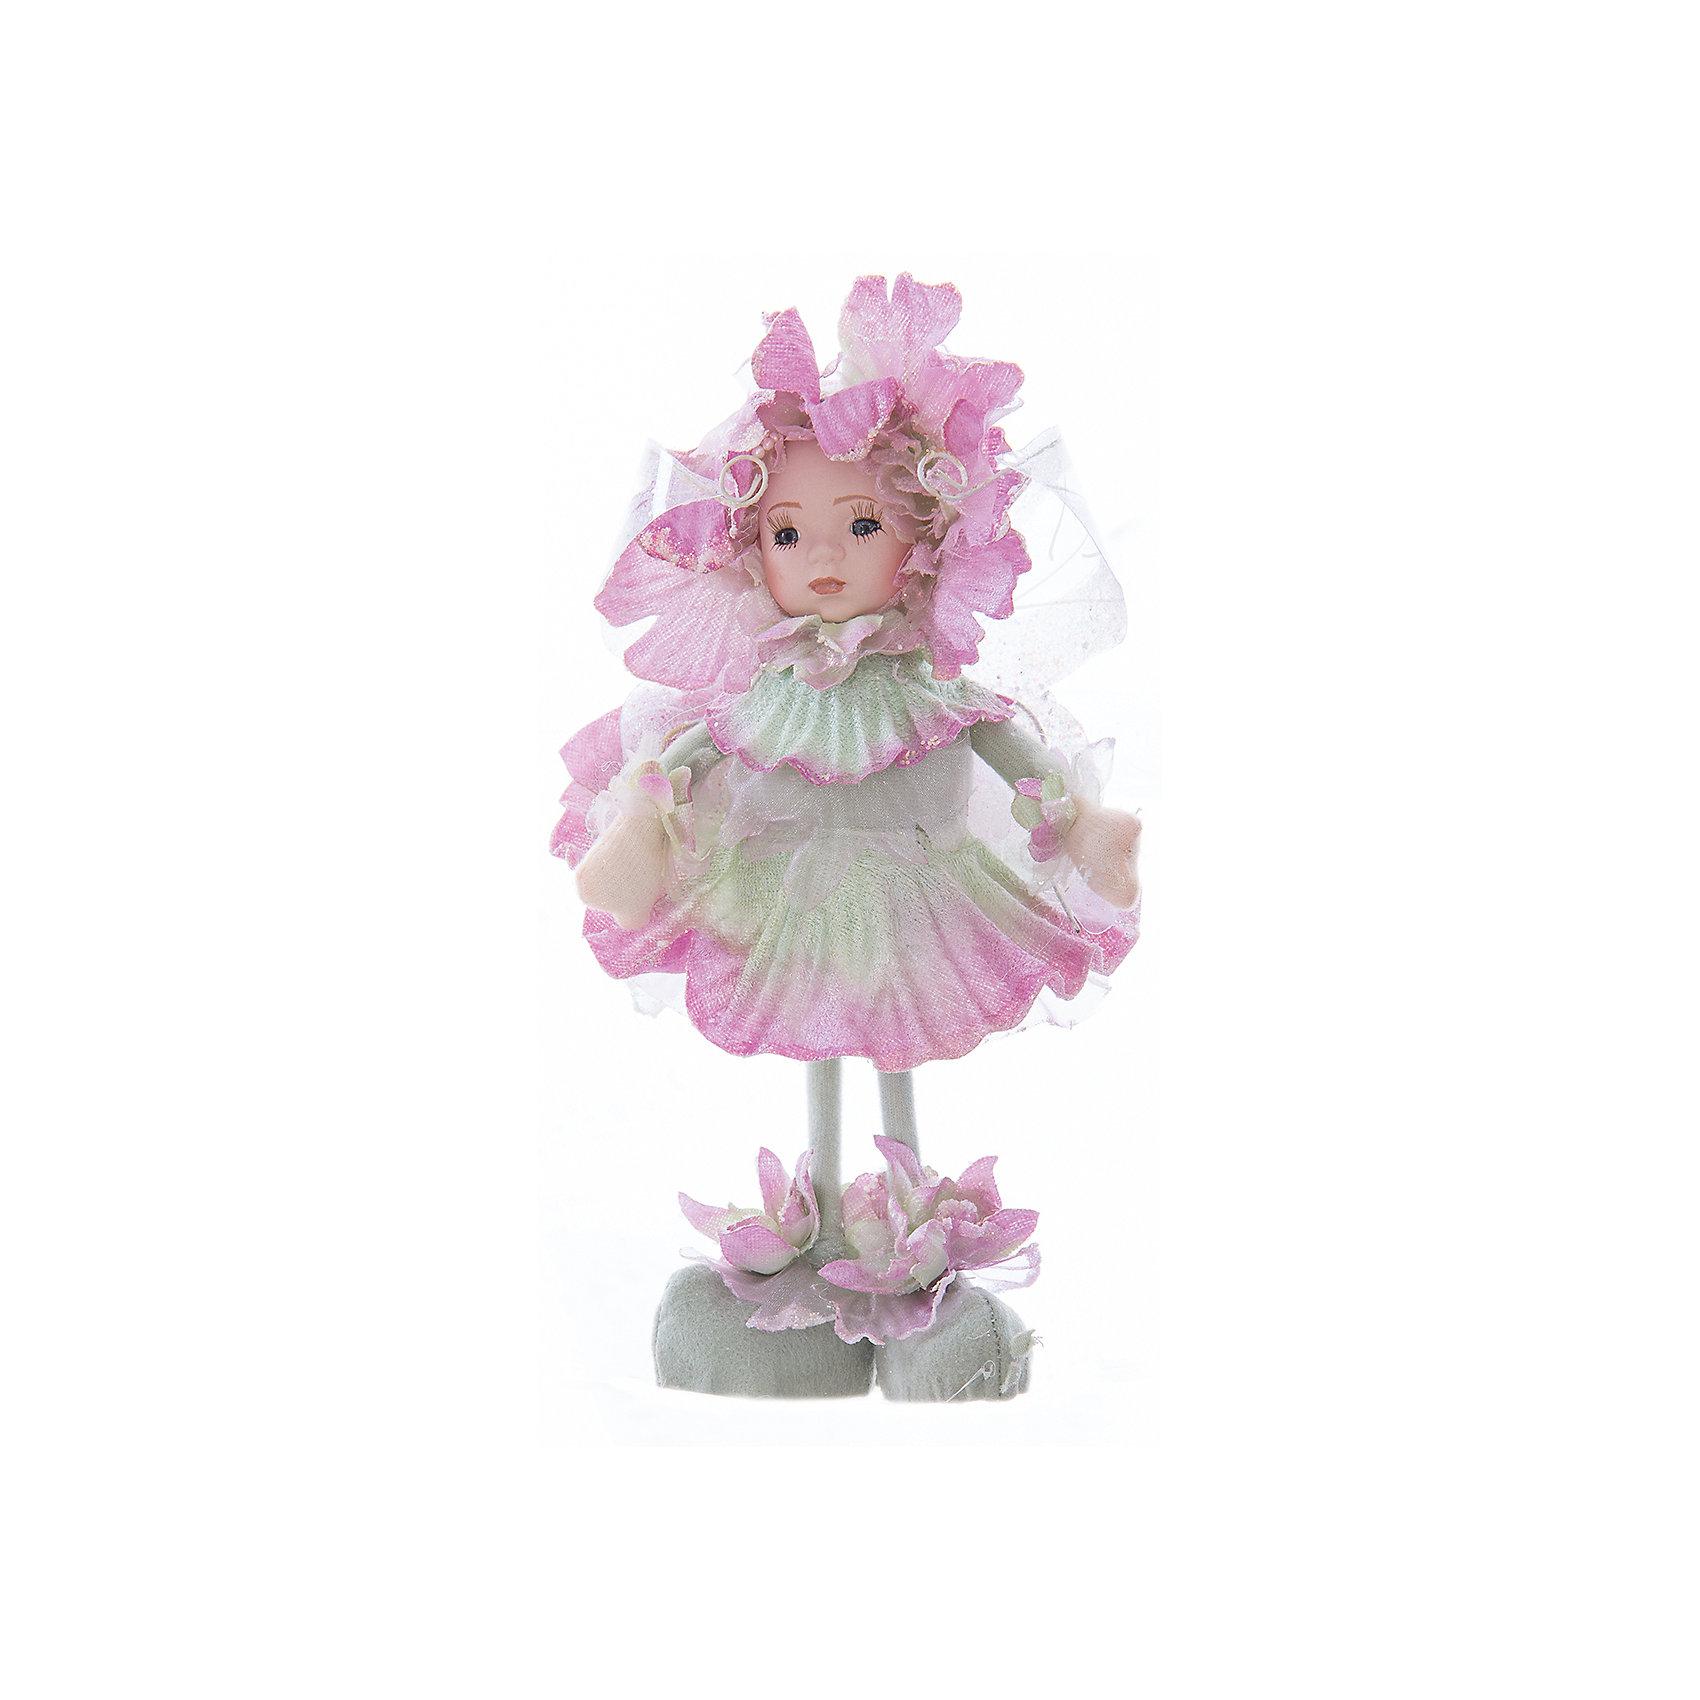 Интерьерная кукла Фея C21-128272, EstroПредметы интерьера<br>Характеристики интерьерной куклы:<br><br>- размеры: 13*30*9 см. <br>- тип игрушки: фигурки <br>- персонаж: фея<br>- вид упаковки: коробка<br>- возрастные ограничения: 3+<br>- комплектация: игрушка <br>- состав: полиэстер, керамика<br>- материал изготовления: высококачественный пластик, полиэстер, ткань, фарфор<br>- стиль: классический, прованс<br>- бренд: Estro <br>- страна бренда: Италия<br>- страна производитель: Китай<br><br>Интерьерная кукла розовая фея будет отличным приобретением или подарком на новоселье. Она замечательно дополнит любую квартиру и будет хорошим решением для любой обстановки. Товар изготовлен из сырья высокого качества приятного оттенка. Внешний вид интерьерная куклы разработан до мелочей. Все части тщательно подобраны и хорошо дополняют друг друга. <br><br>Интерьерную куклу фея итальянской торговой марки Estro можно купить в нашем интернет-магазине.<br><br>Ширина мм: 100<br>Глубина мм: 150<br>Высота мм: 300<br>Вес г: 203<br>Возраст от месяцев: 36<br>Возраст до месяцев: 1188<br>Пол: Женский<br>Возраст: Детский<br>SKU: 5356626